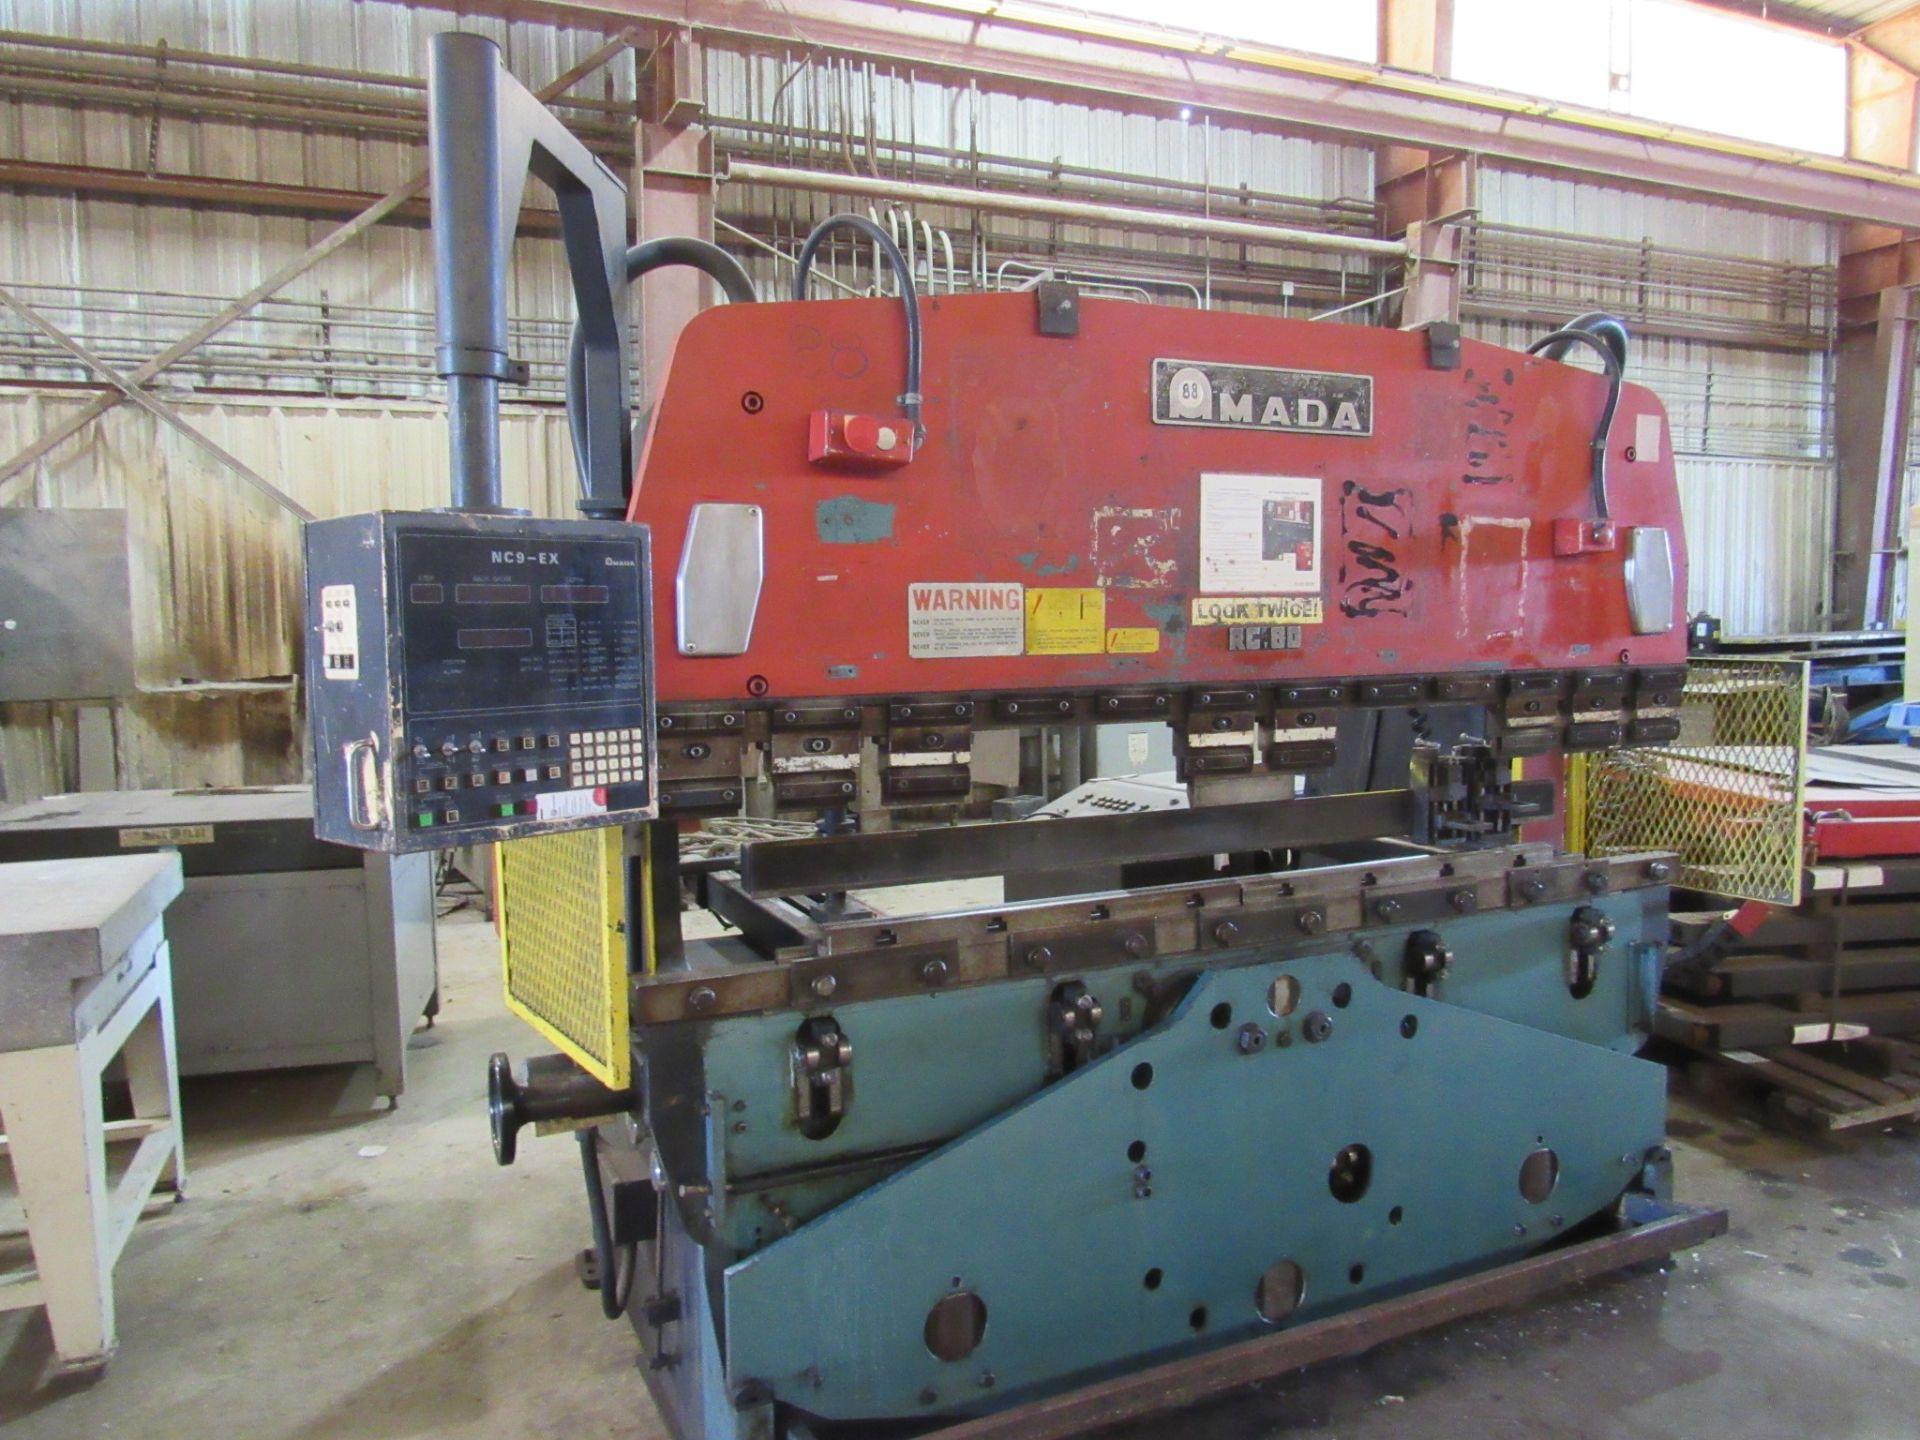 Amada 80 Ton RG 80 Press Brake - Image 2 of 7